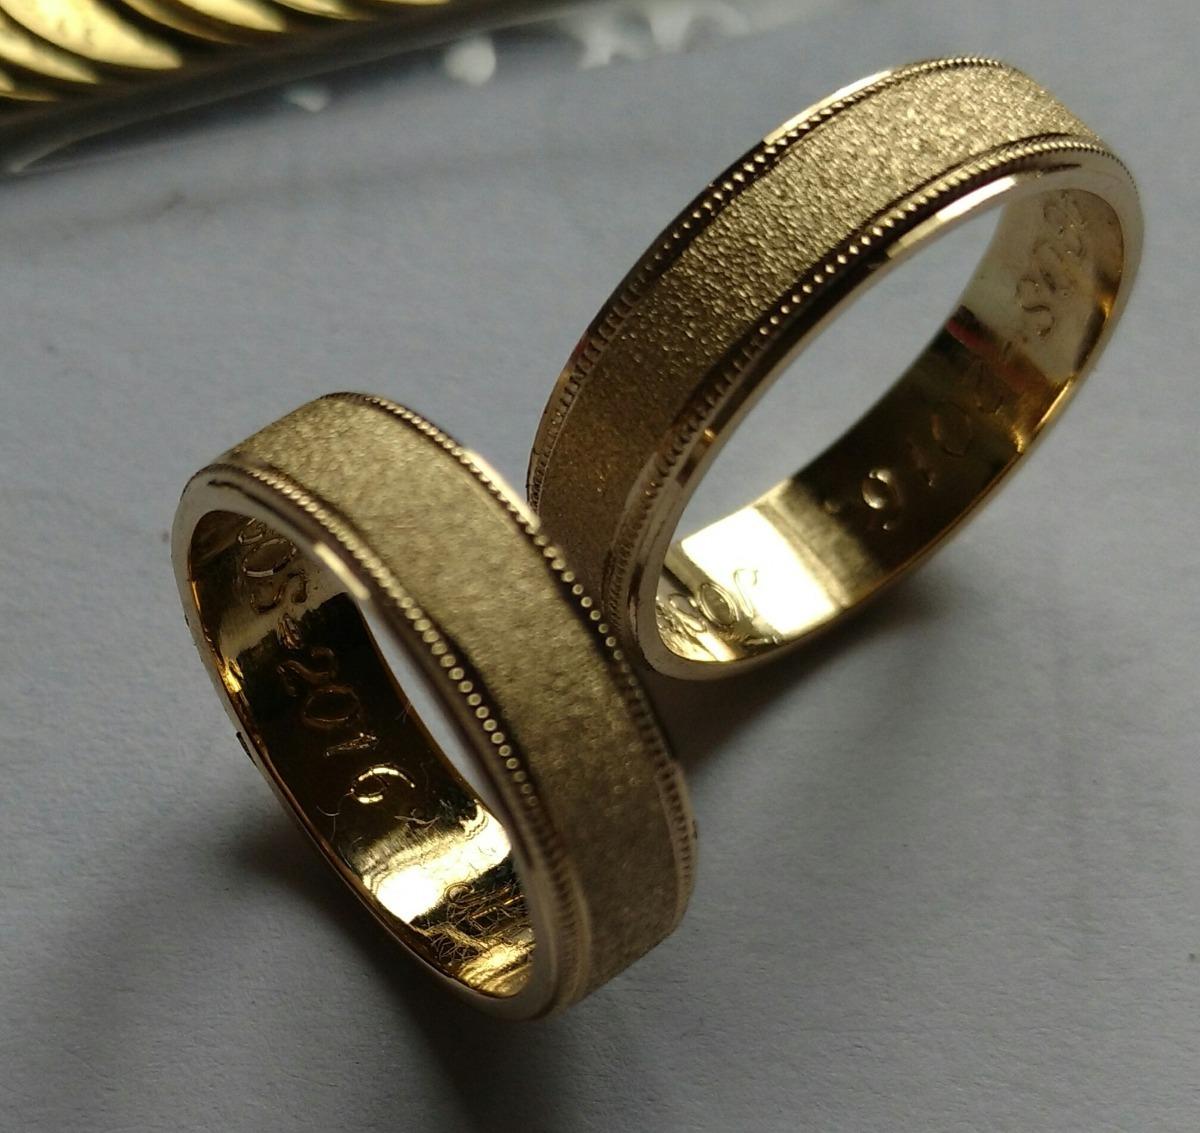 84cb44aad5db3 promoción argollas matrimonio oro 18 k precio cada argolla. Cargando zoom.